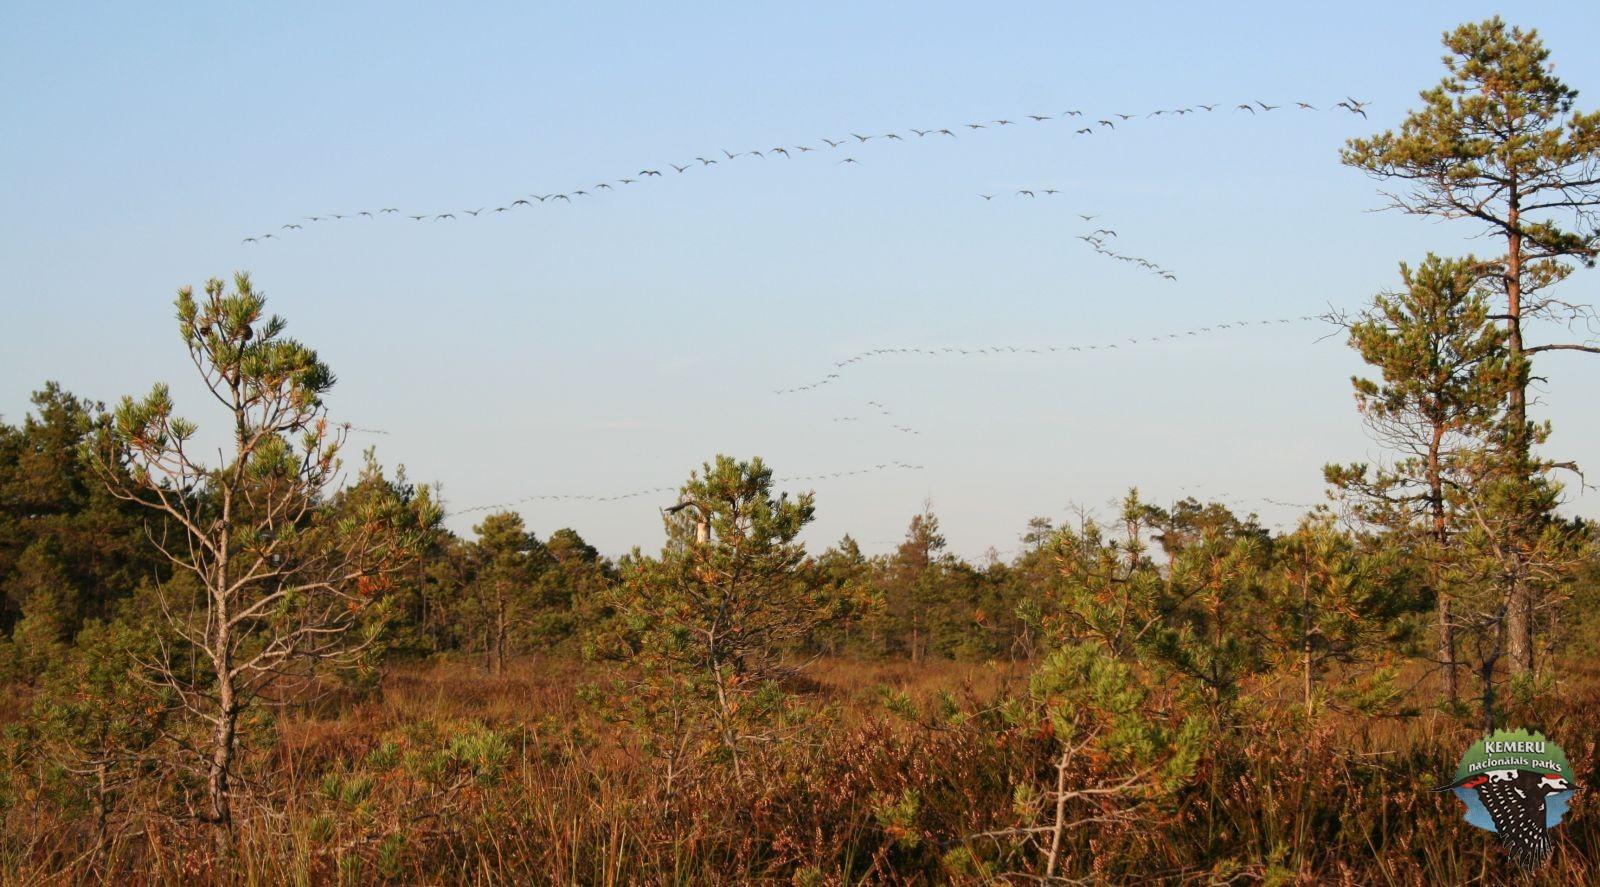 Migrējošo zosu bars virs Lielā Ķemeru tīreļa. Foto: Andis Liepa